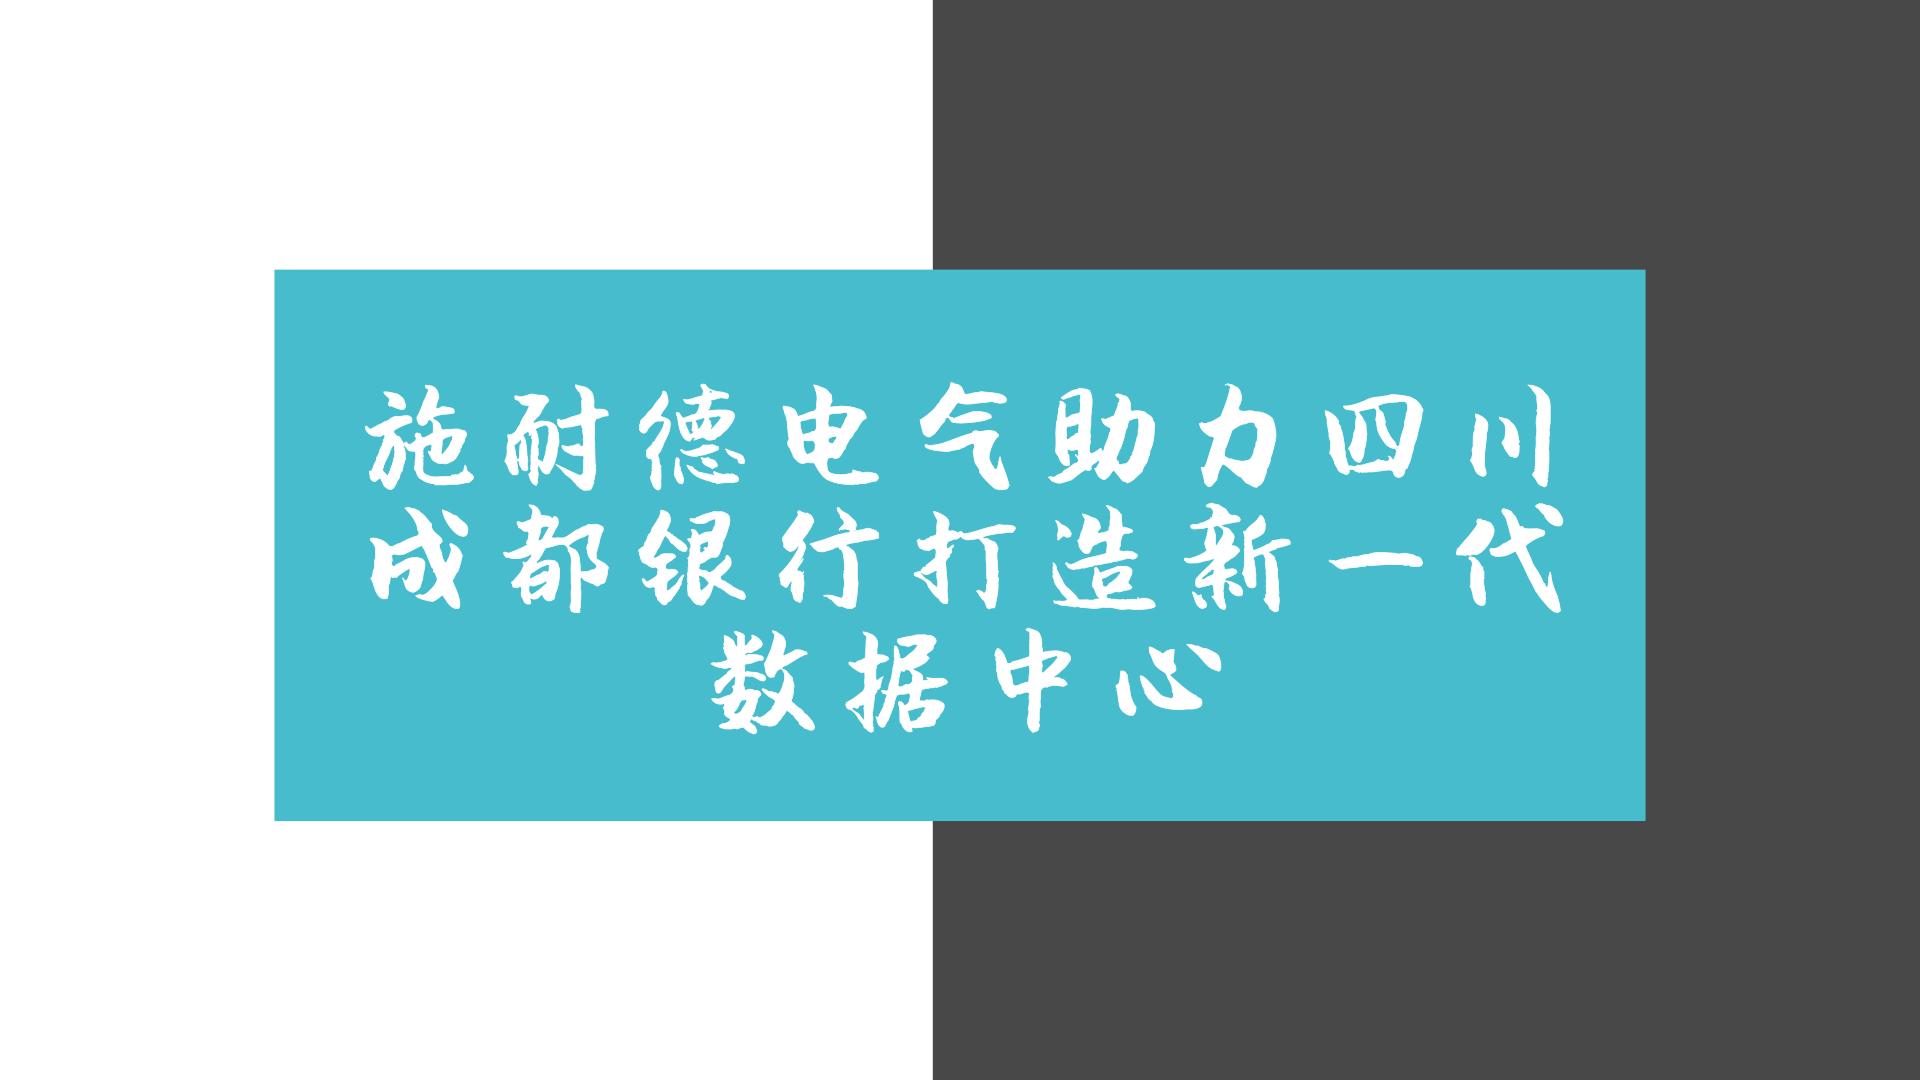 施耐德电气助力四川成都银行打造新一代数据中心